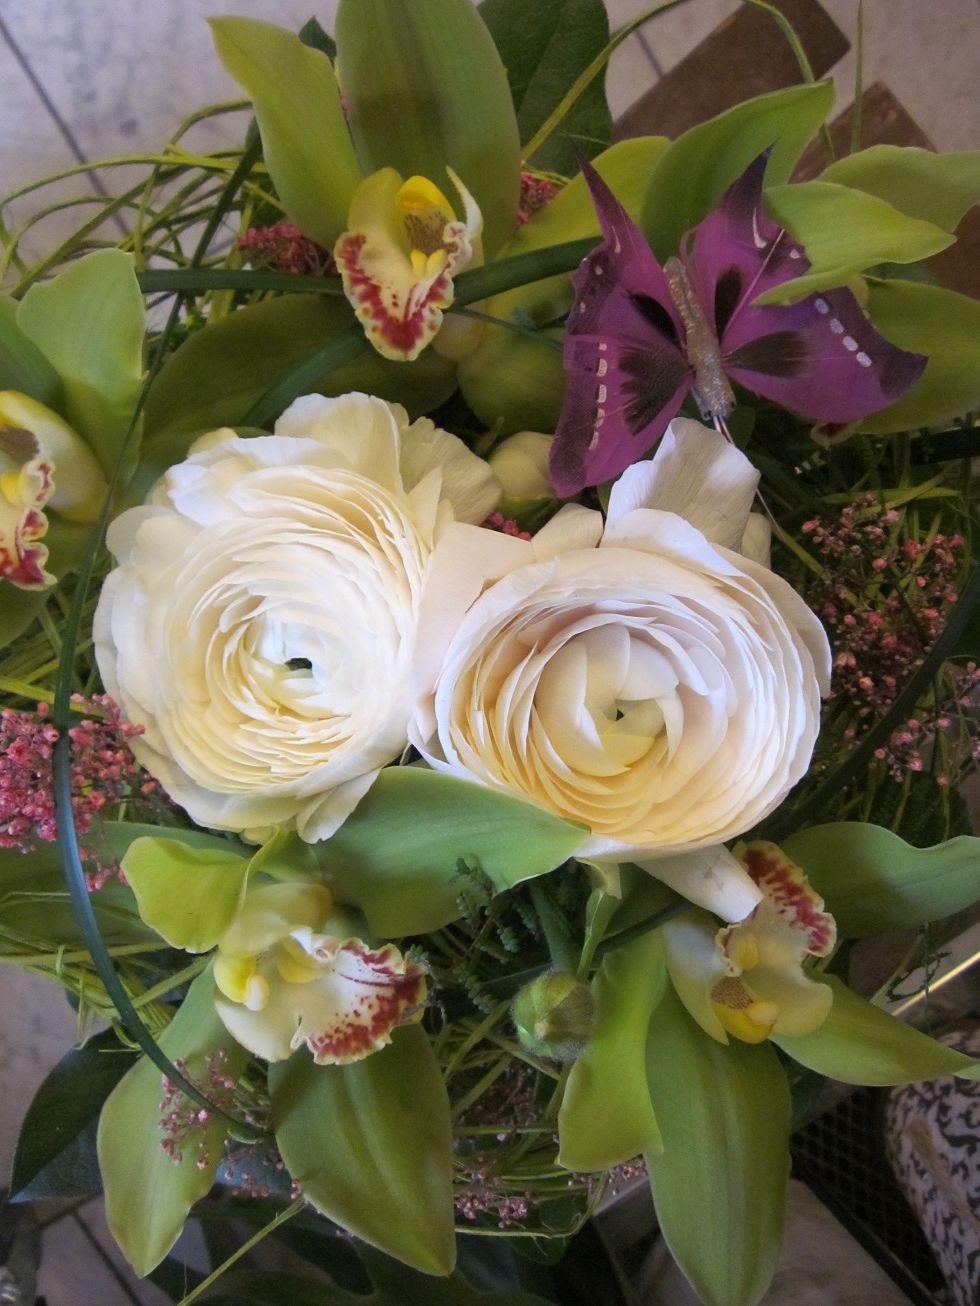 Kukka Kerttuli Kevätkukkien hehkua Hallituskadulla! Palvelemme pe 8-17.30, la 9-15 sekä su 12-15.  Kaupalla huippuhyviä tarjouksia, kannatta poiketa! #rakastampere #tampere #kukkakauppa #kukkakerttuli